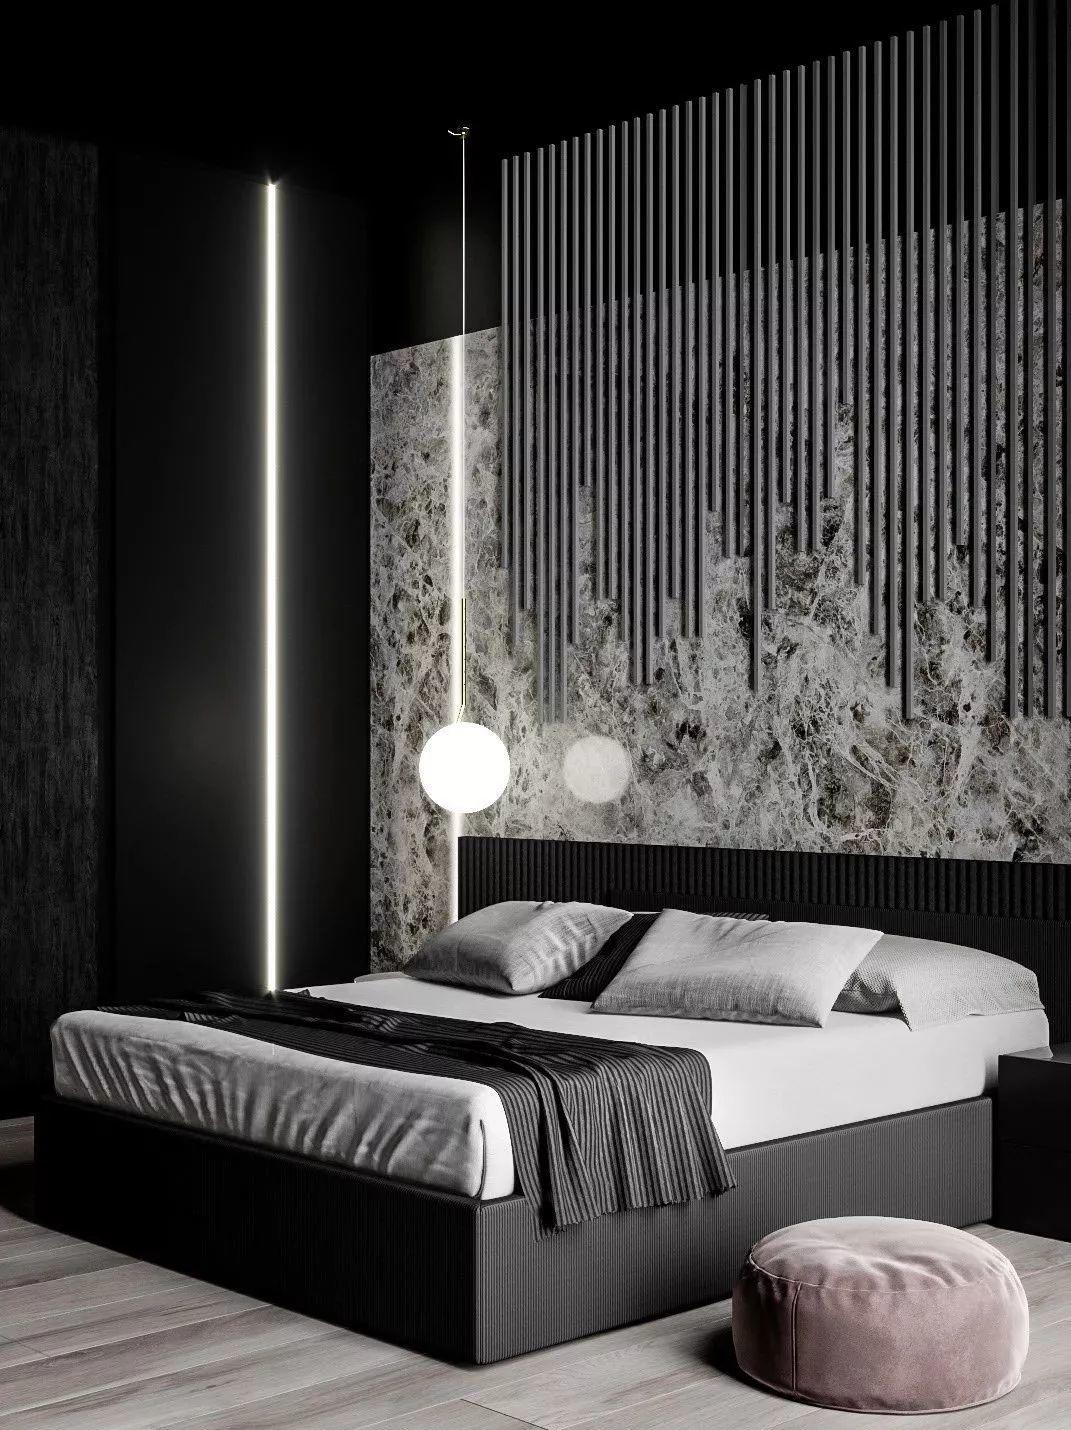 极简至纯,高级黑公寓设计! 